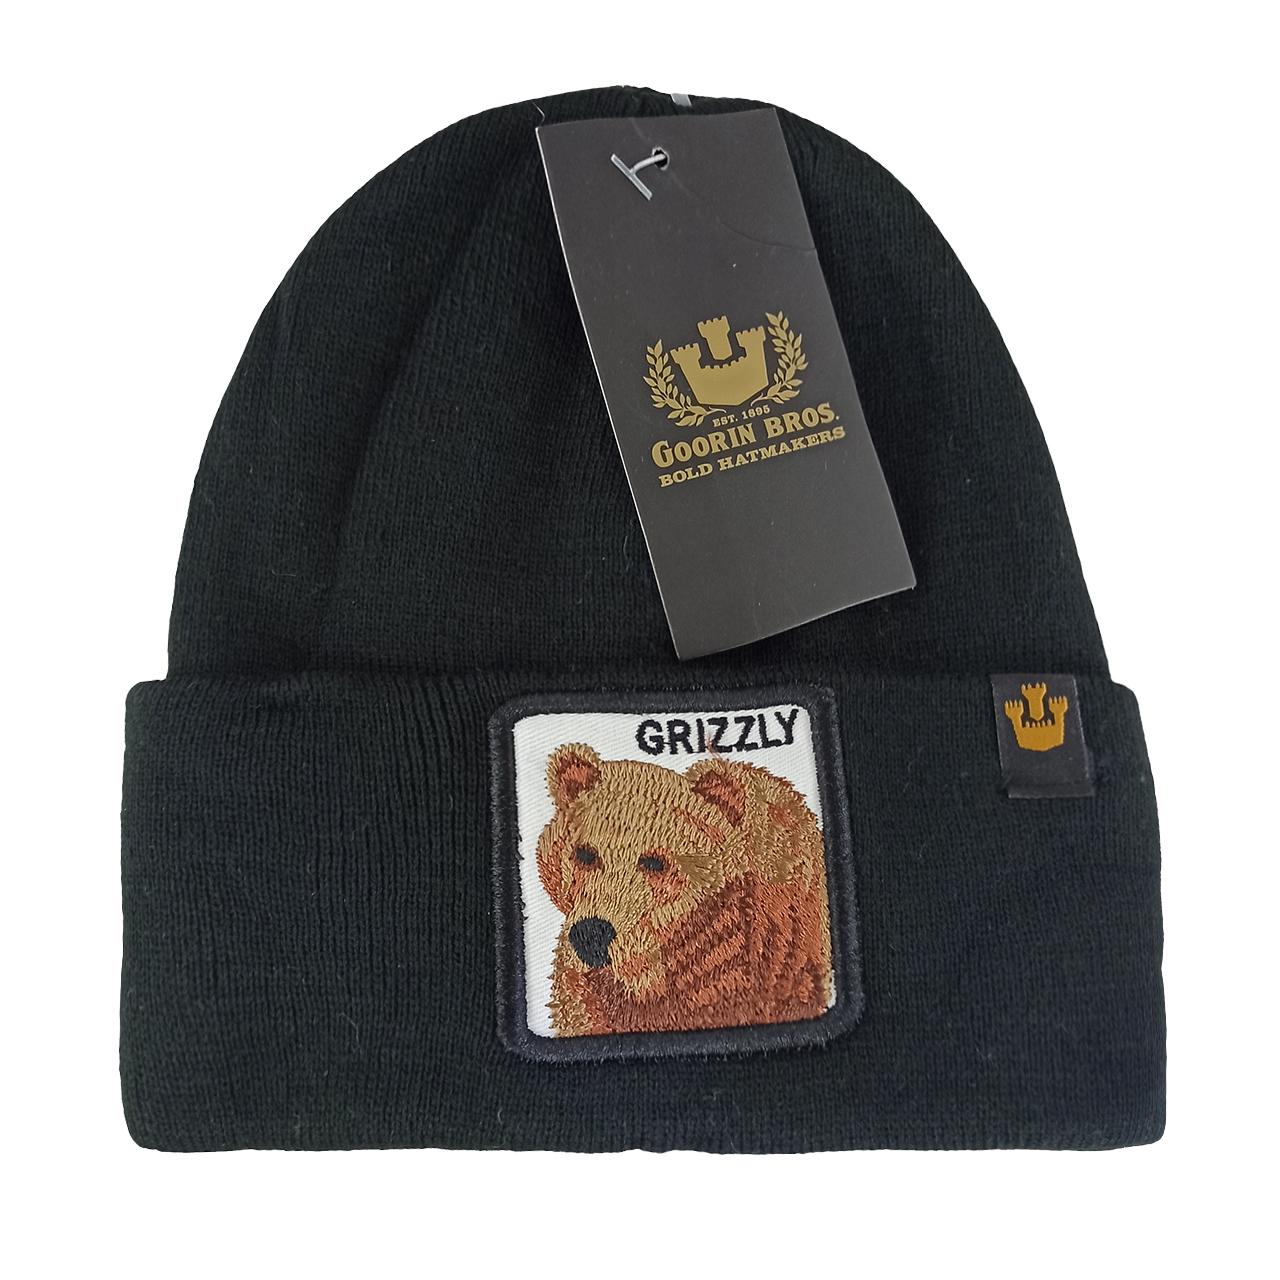 کلاه بافتنی گورین براز مدل grizzly